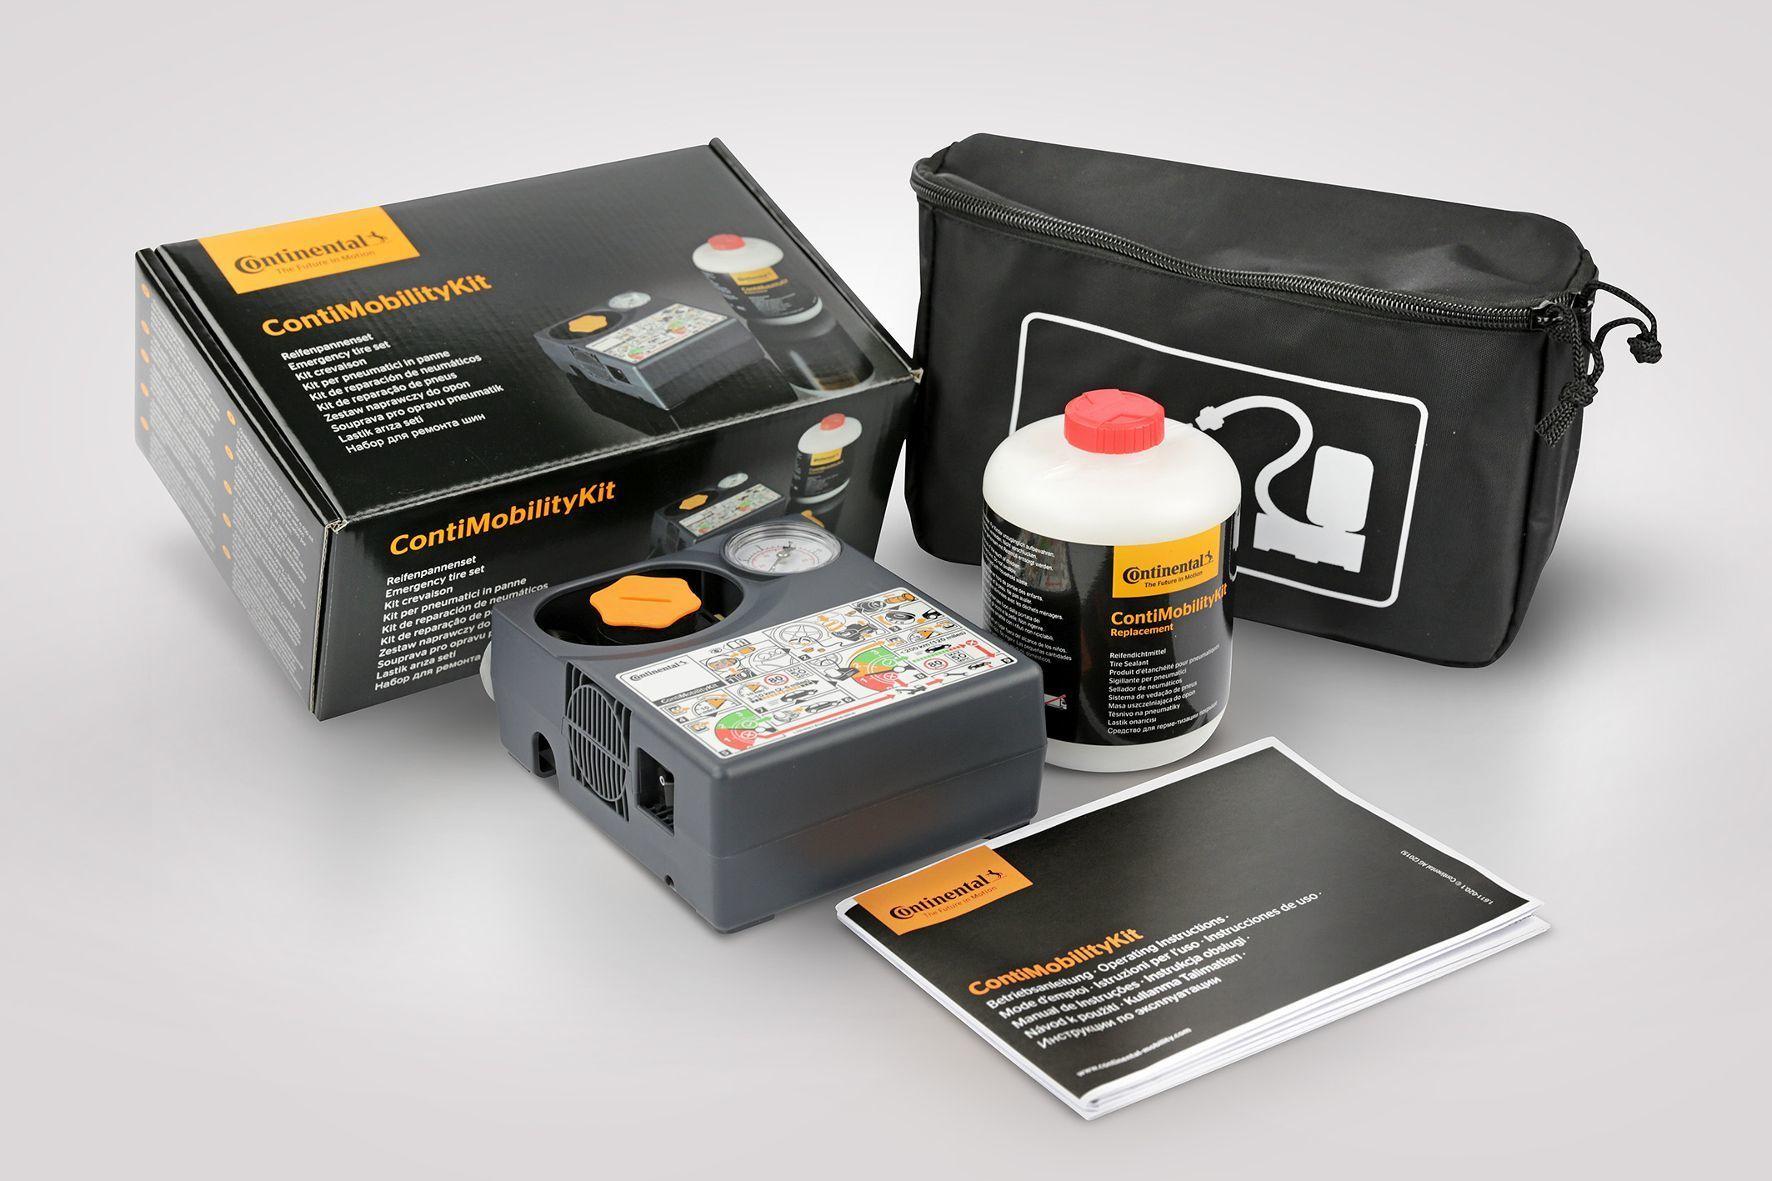 mid Groß-Gerau - Das ContiMobiliyKit enthält unter anderem einen 10-Ampere-Kompressor, eine druckfeste Dichtmittelflasche, Plastikhandschuhe und eine Bedienungsanleitung.